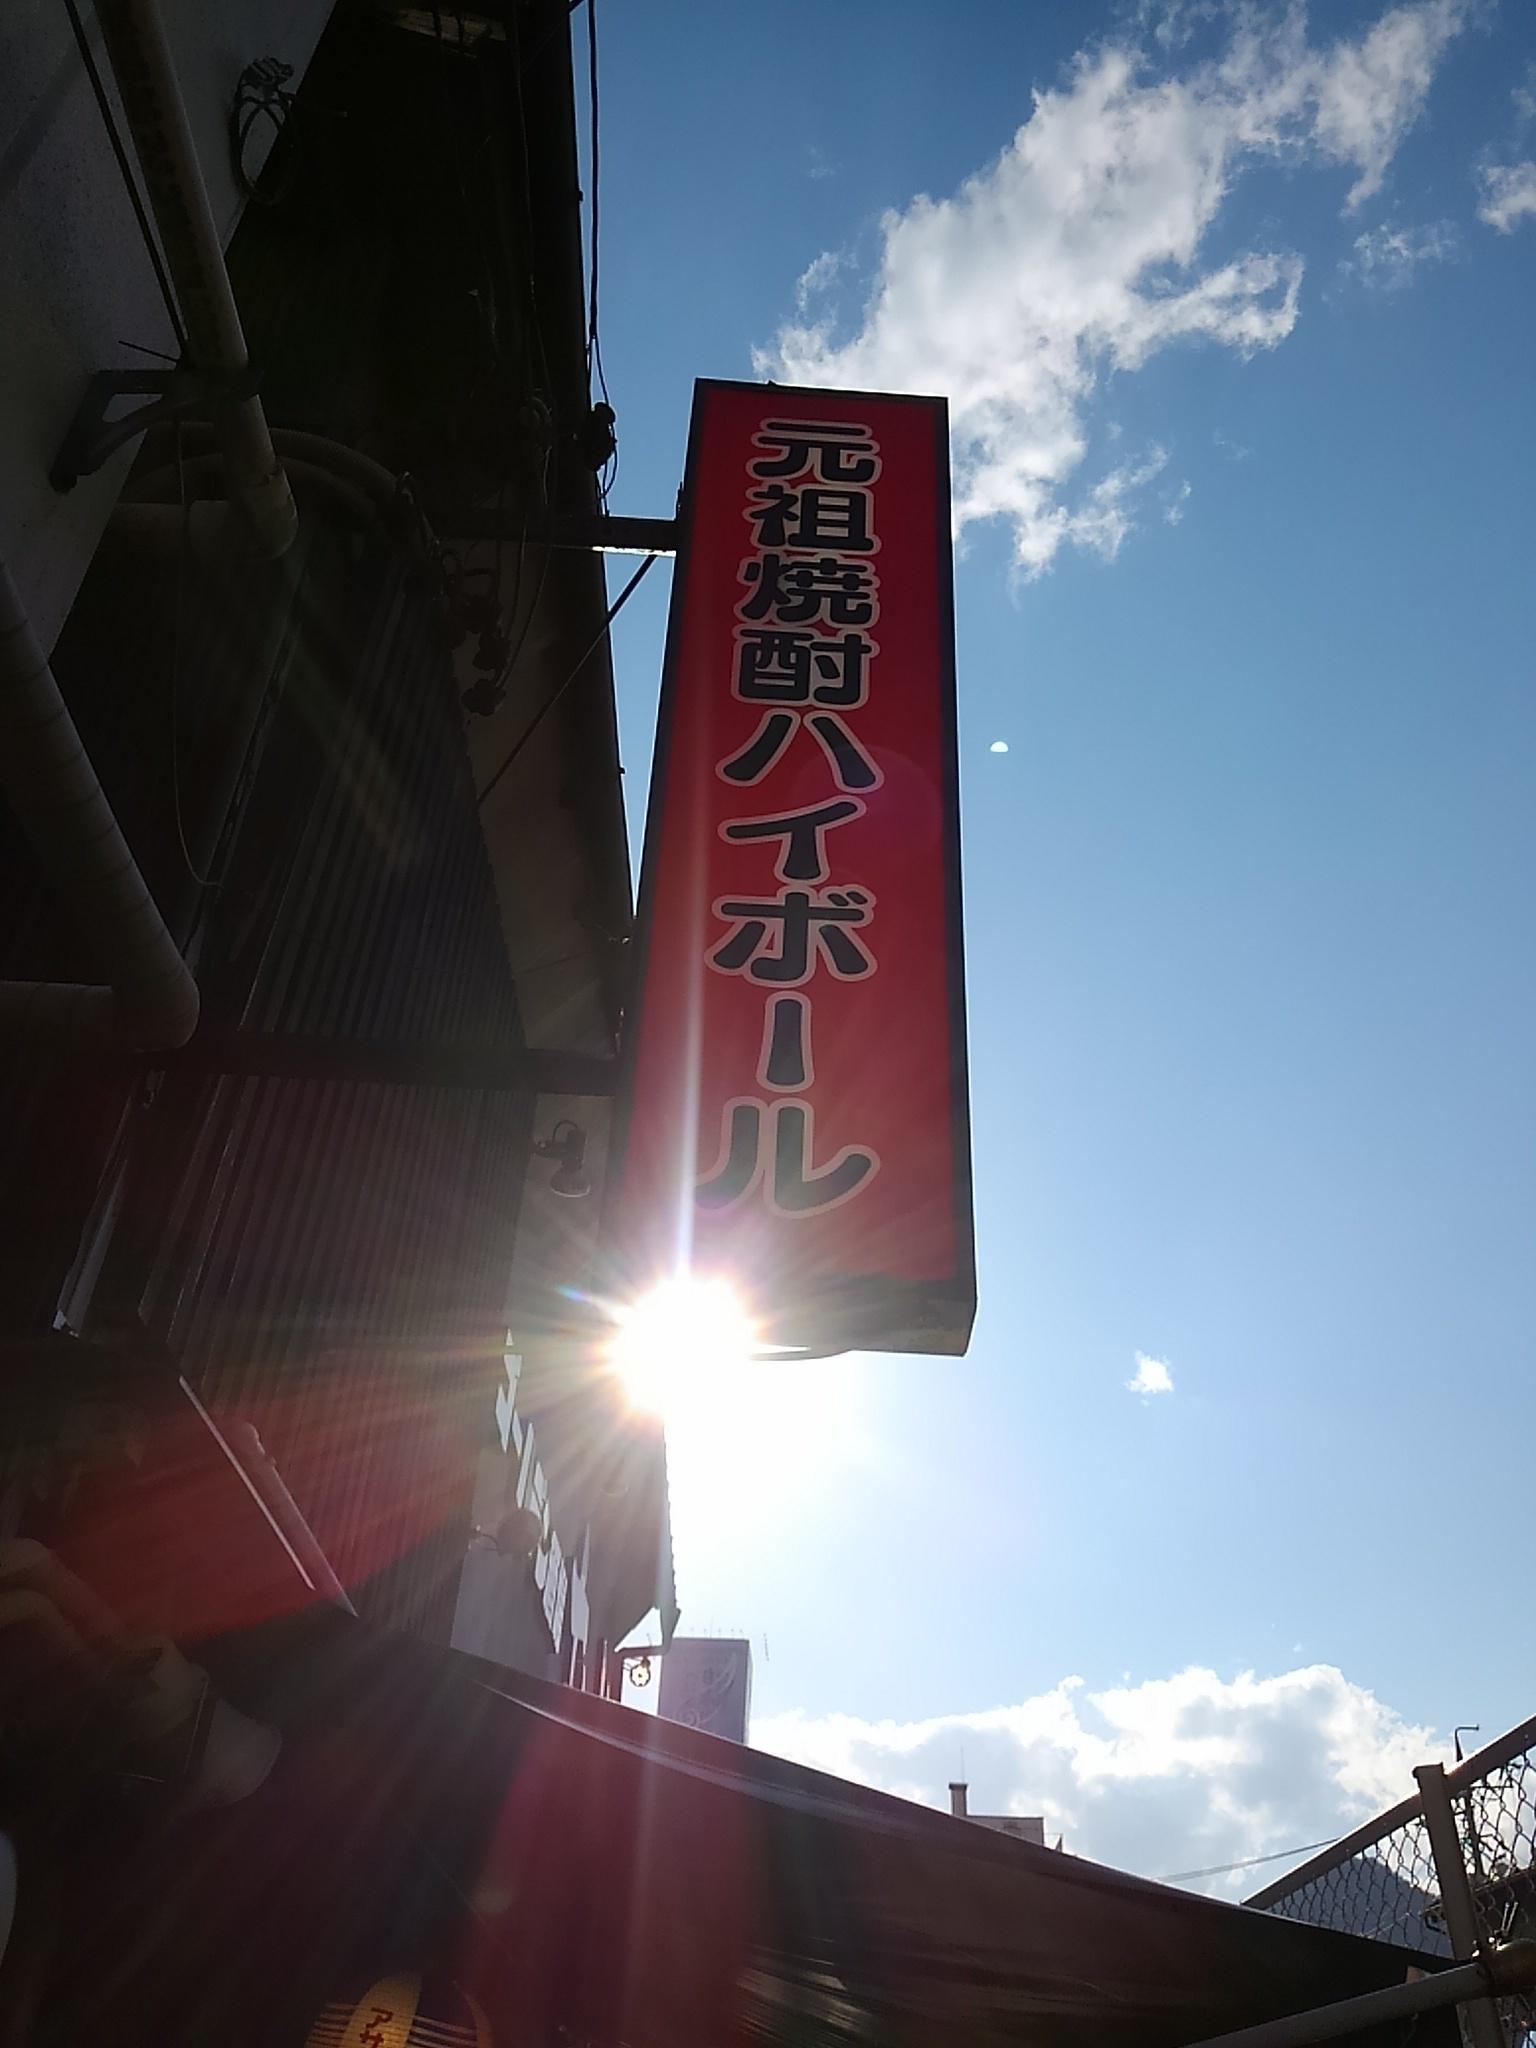 ゴールデン酒場 おさけや 長野駅前店 name=